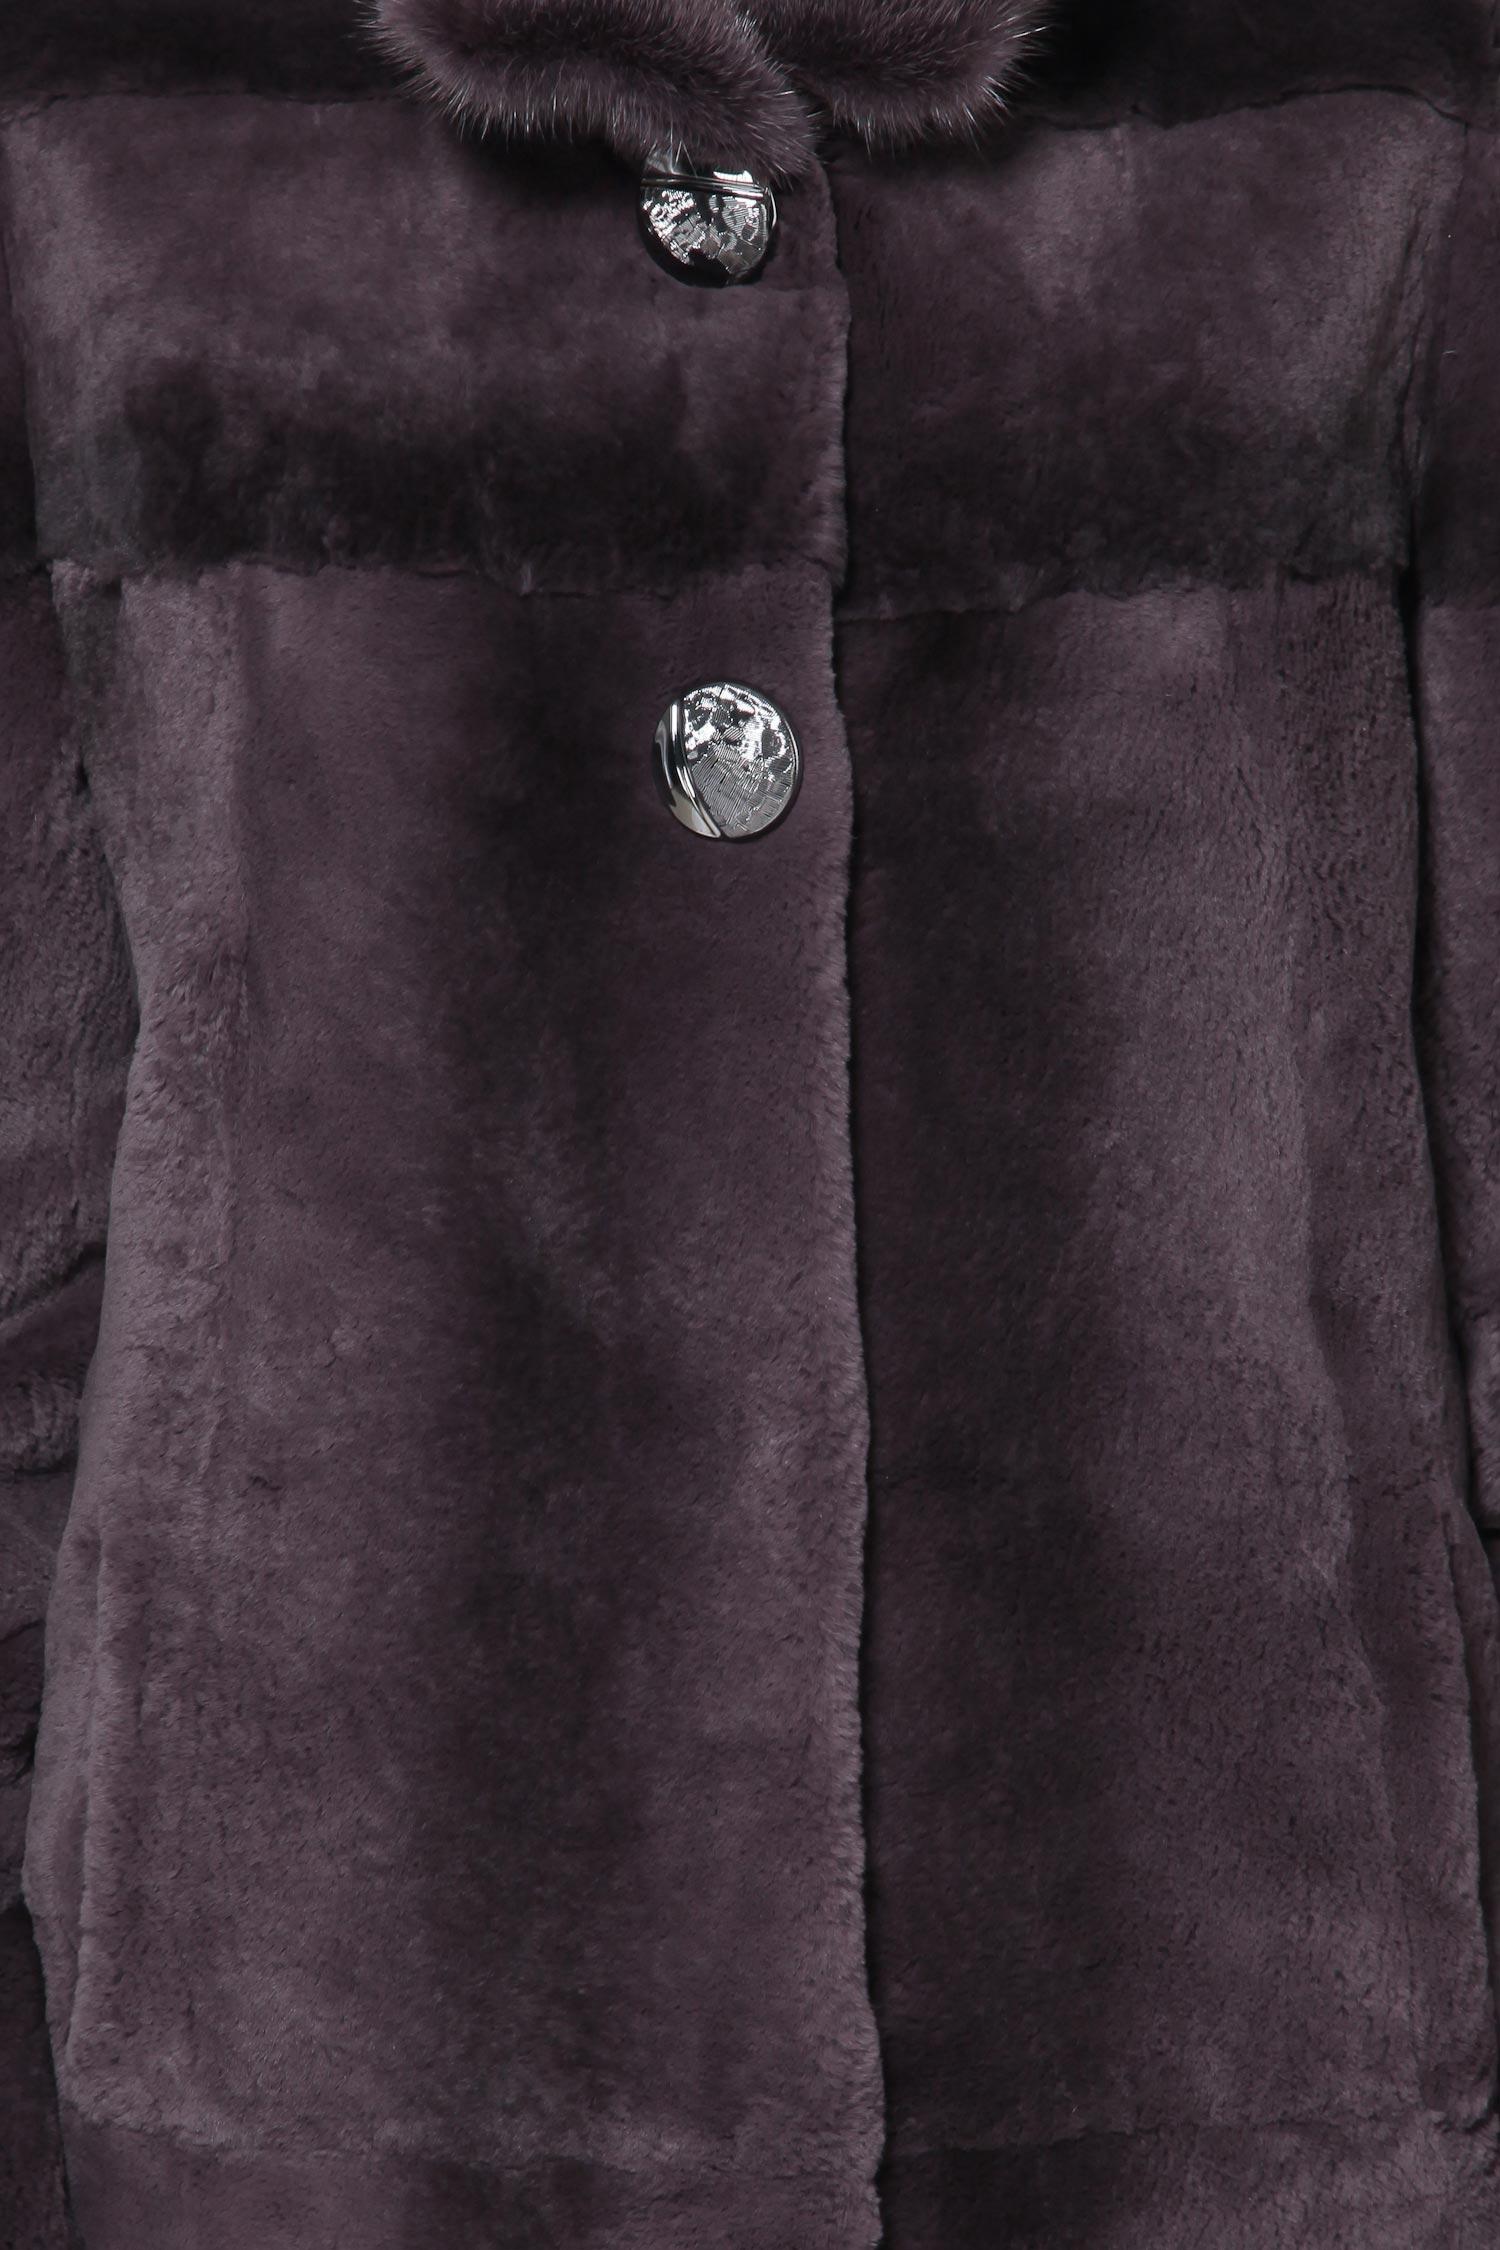 Шуба из кролика рекс с воротником, отделка норка от Московская Меховая Компания